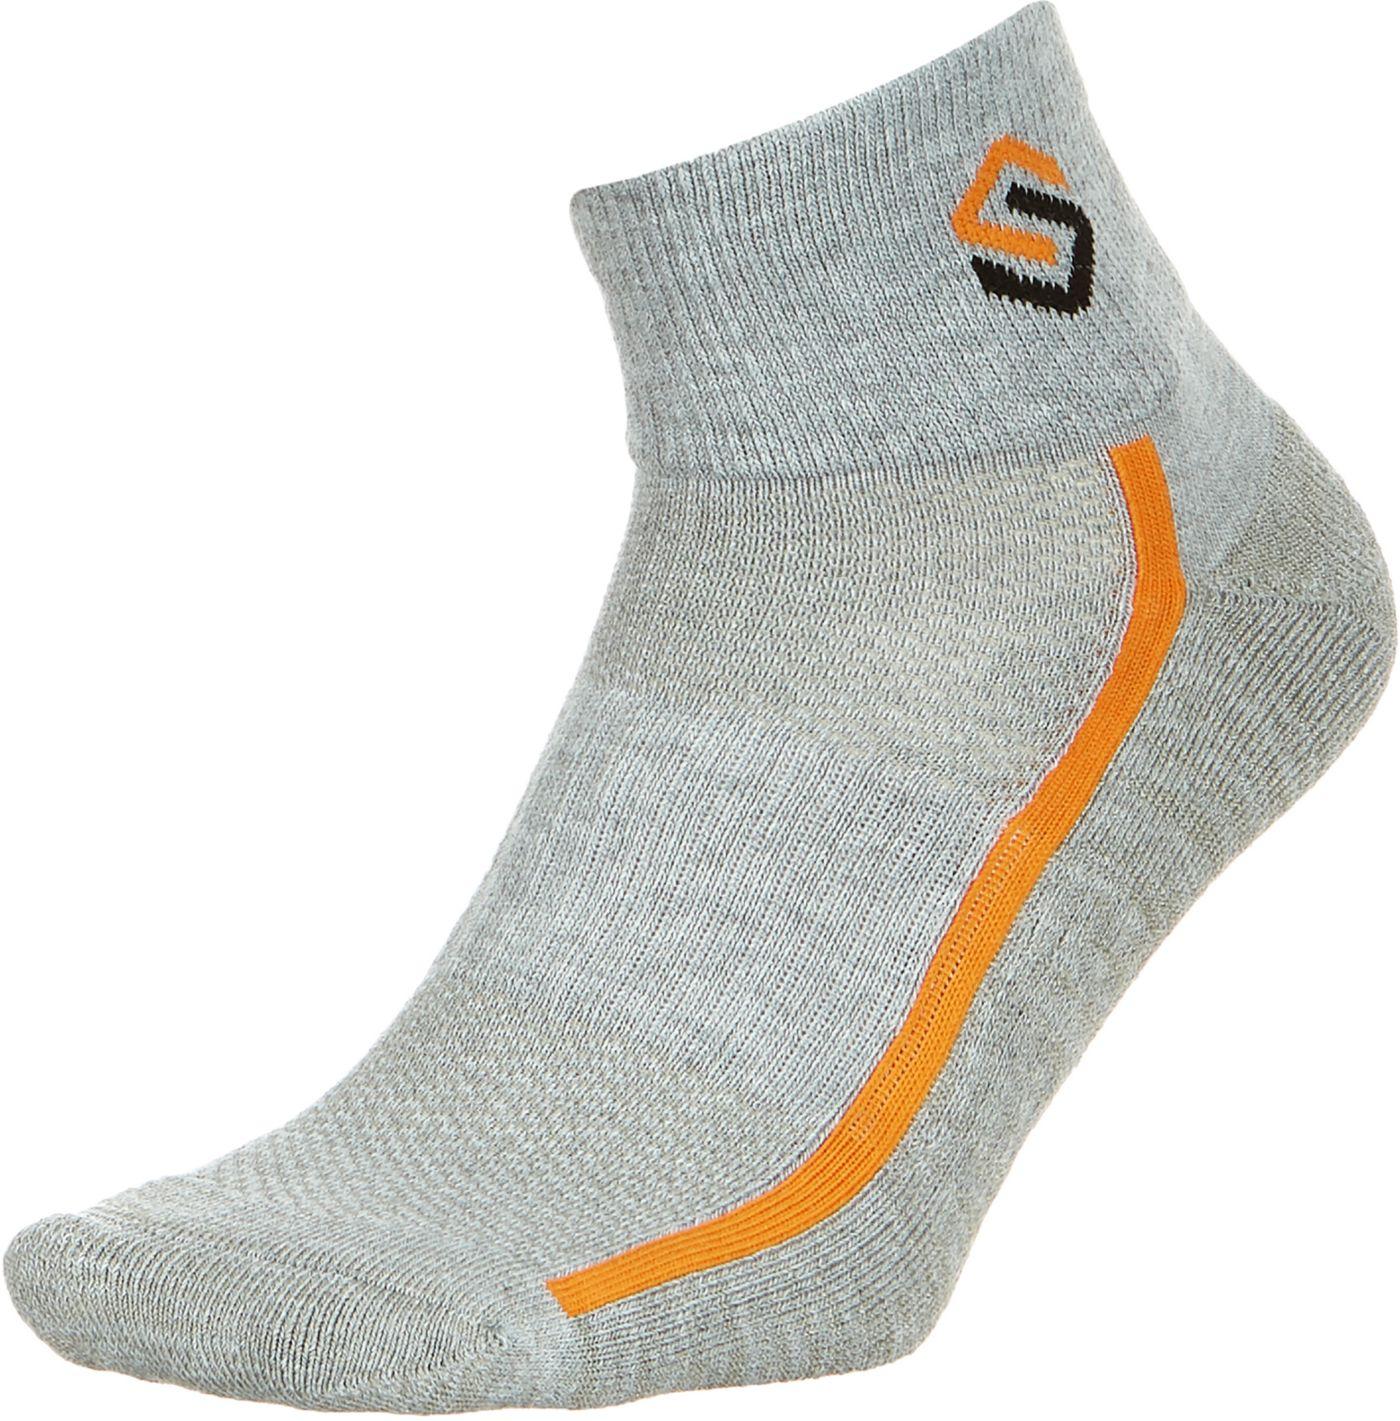 ScentLok Men's Ultralight Mini Outdoor Socks